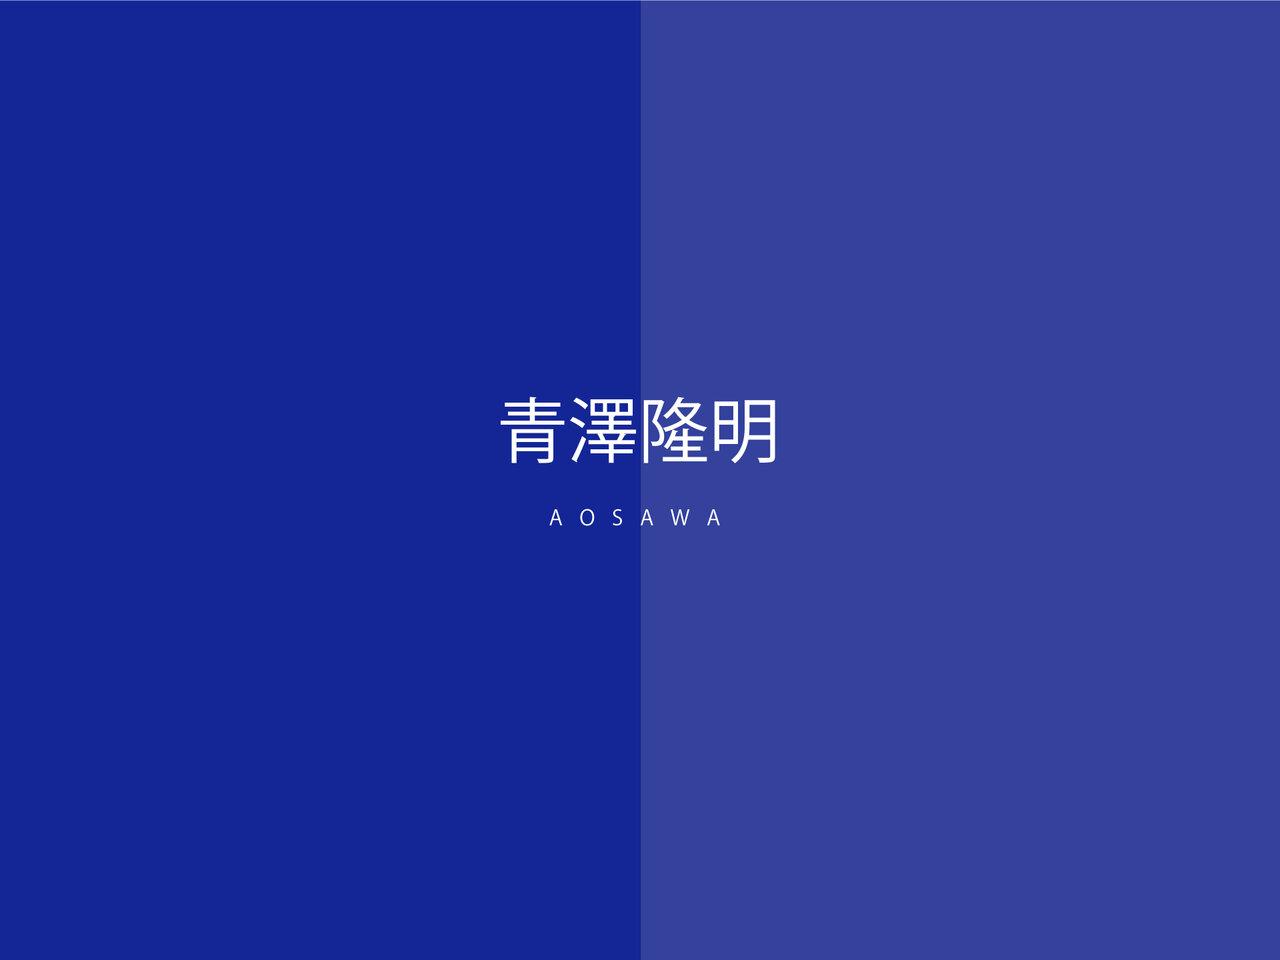 カルメンはエイミーじゃない。Ⅰ -新国立劇場 新制作オペラ『カルメン』をみて思ったこと(青澤隆明)